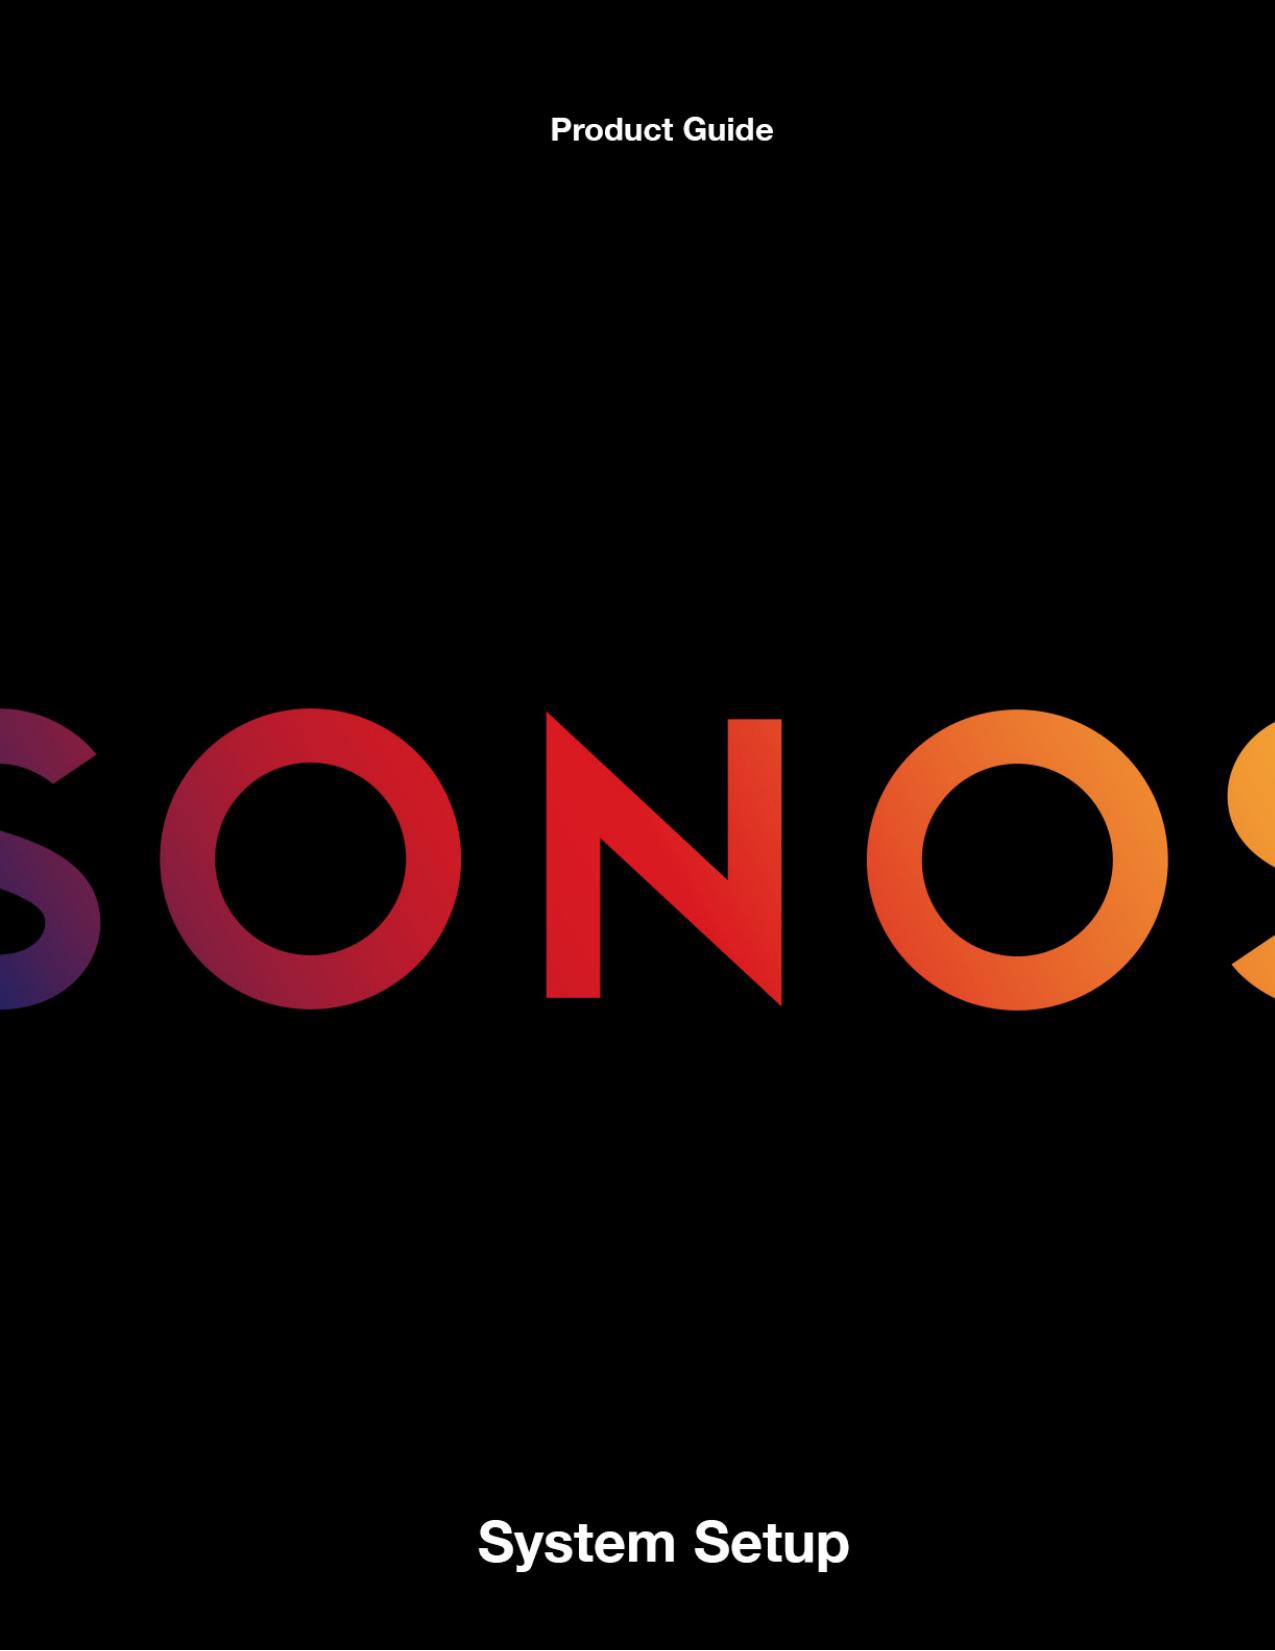 Sonos System Setup